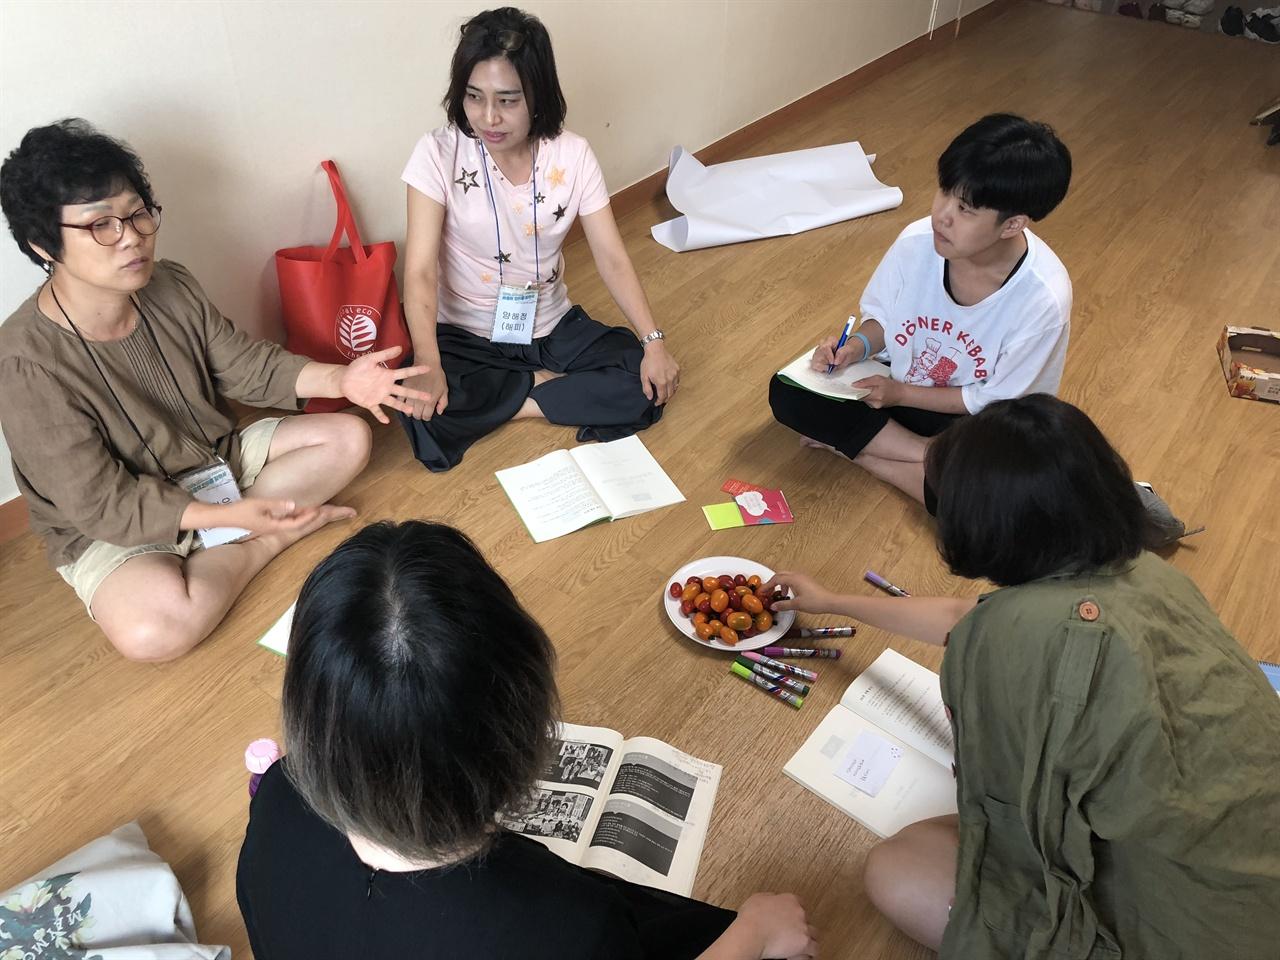 """[2018 페미-노동 캠프] 참여자들의 토론 모습 """"[2018 페미-노동 캠프] 일하는 페미니스트, 싸움의 언어를 찾아서"""" 에 참여한 참여자들이 토론을 진행하고 있다."""